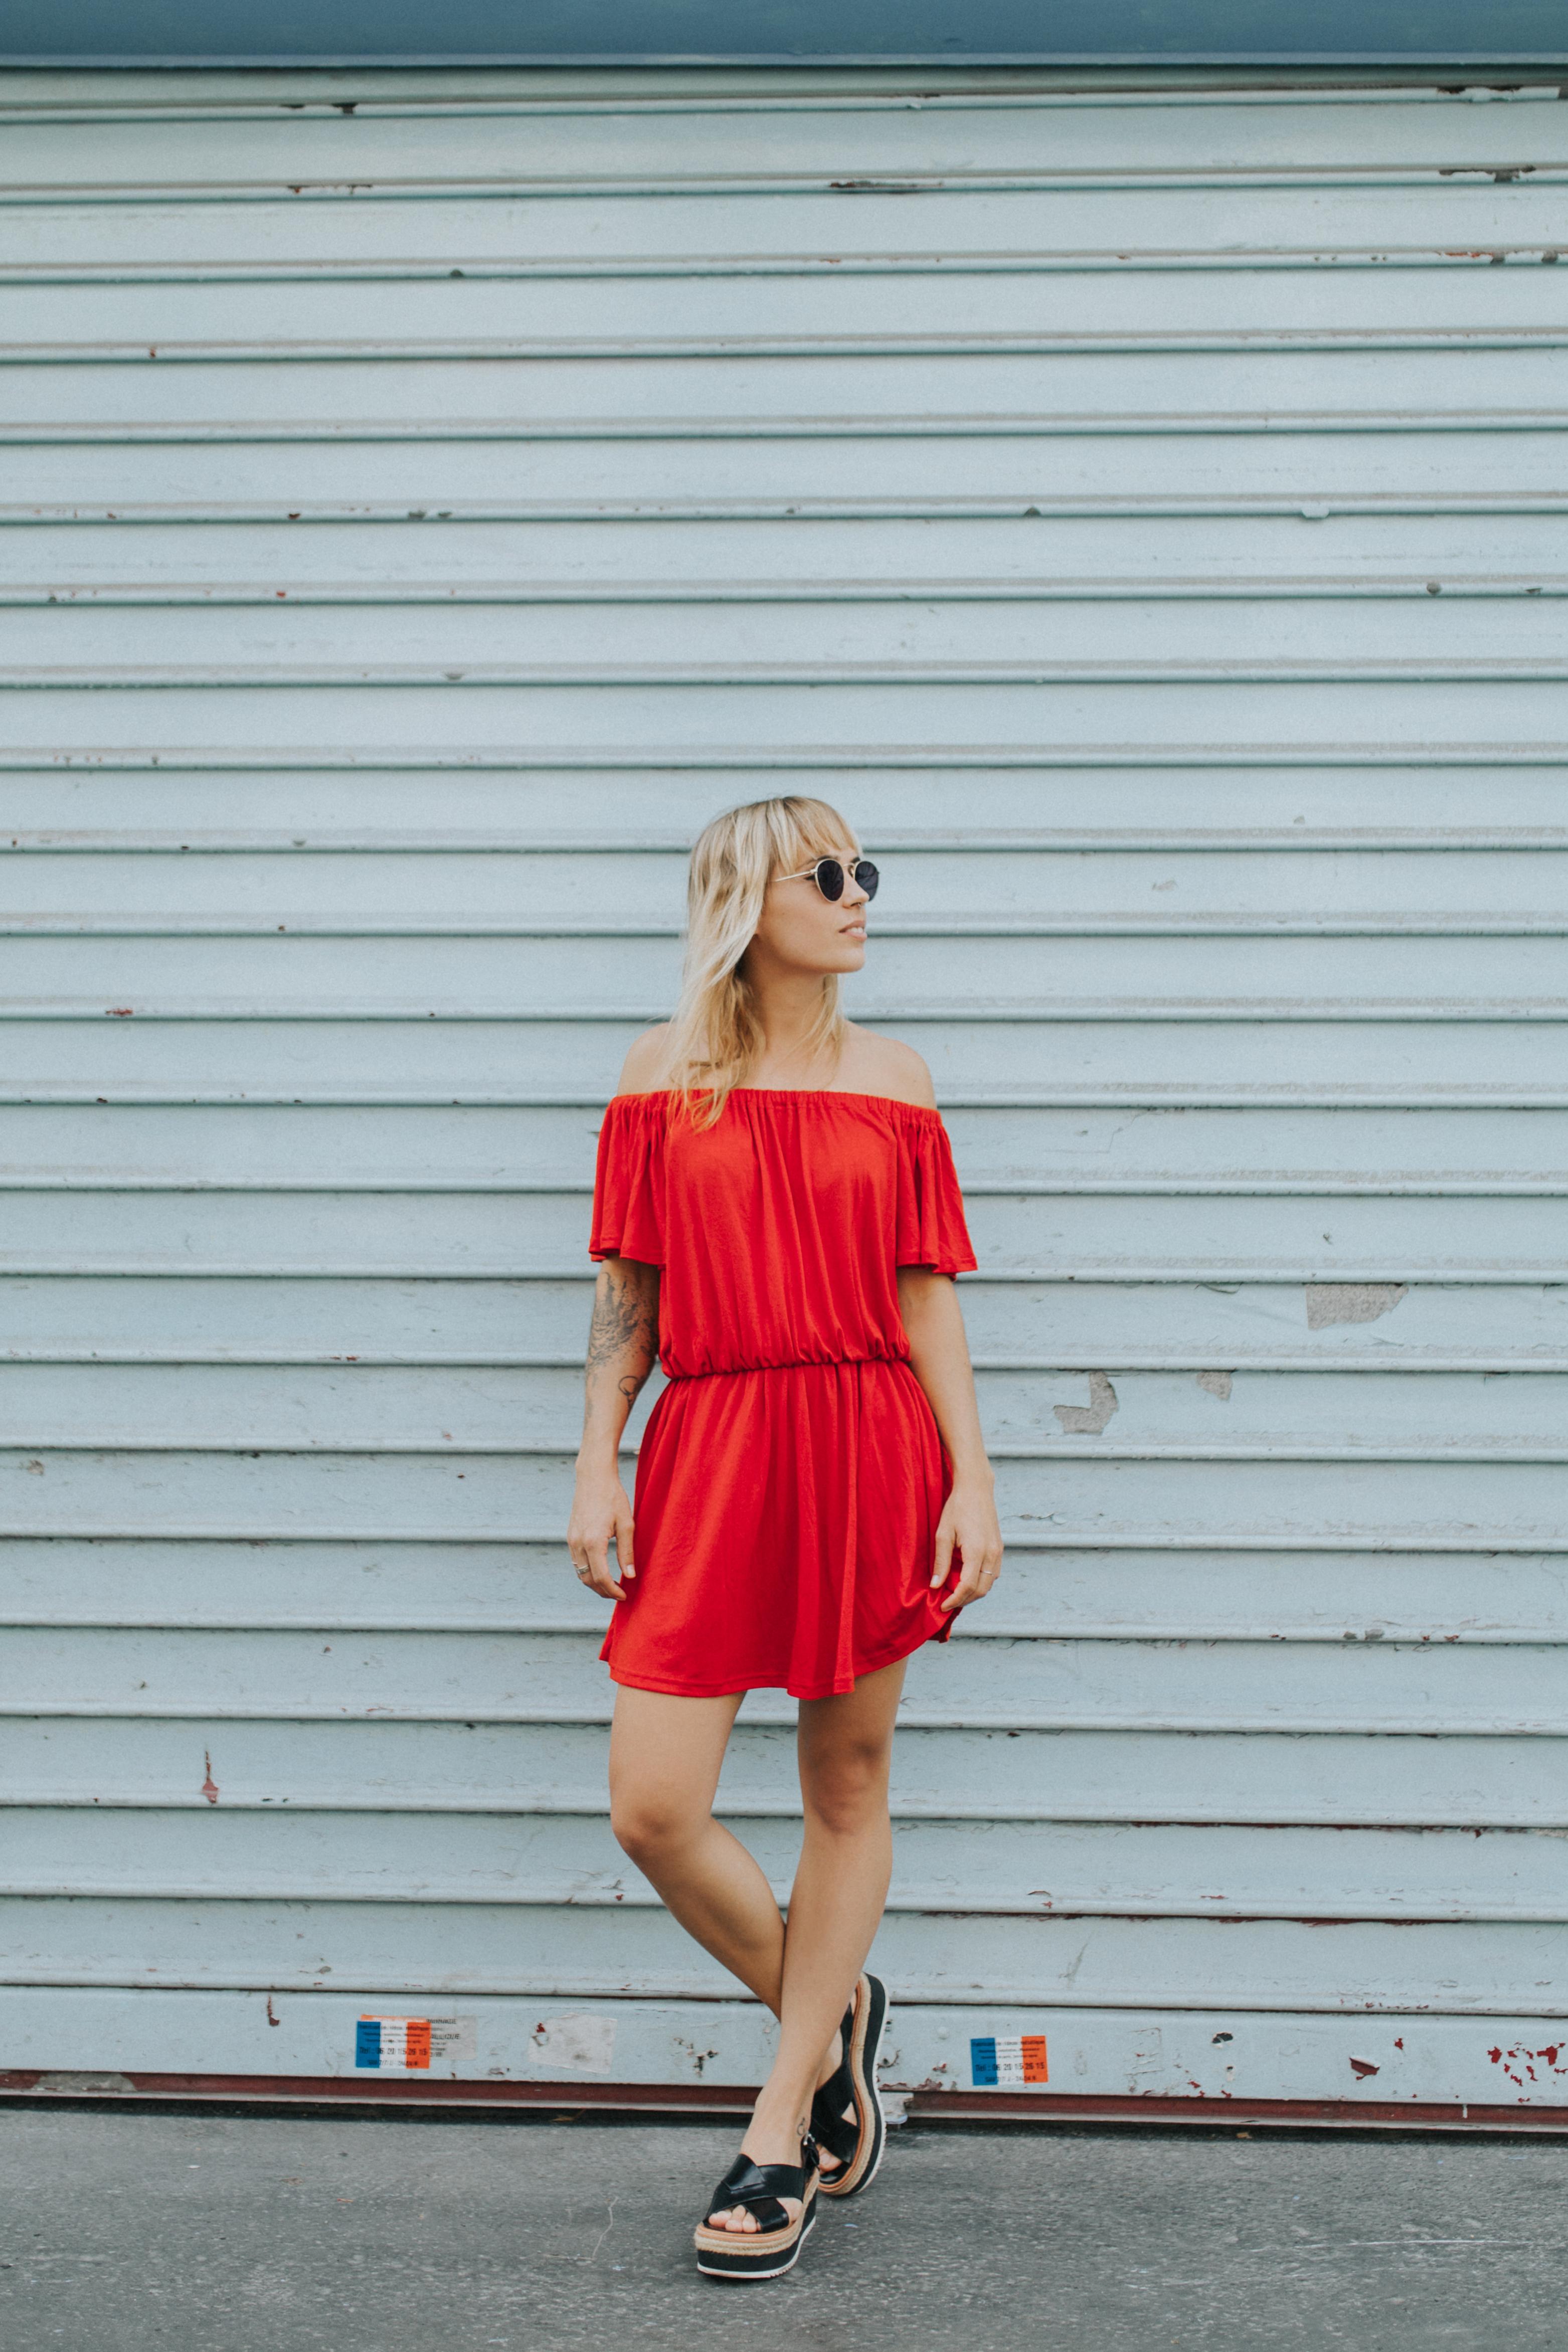 Robe rouge à épaules dénudées I Sp4nkblog par lyloutte 6